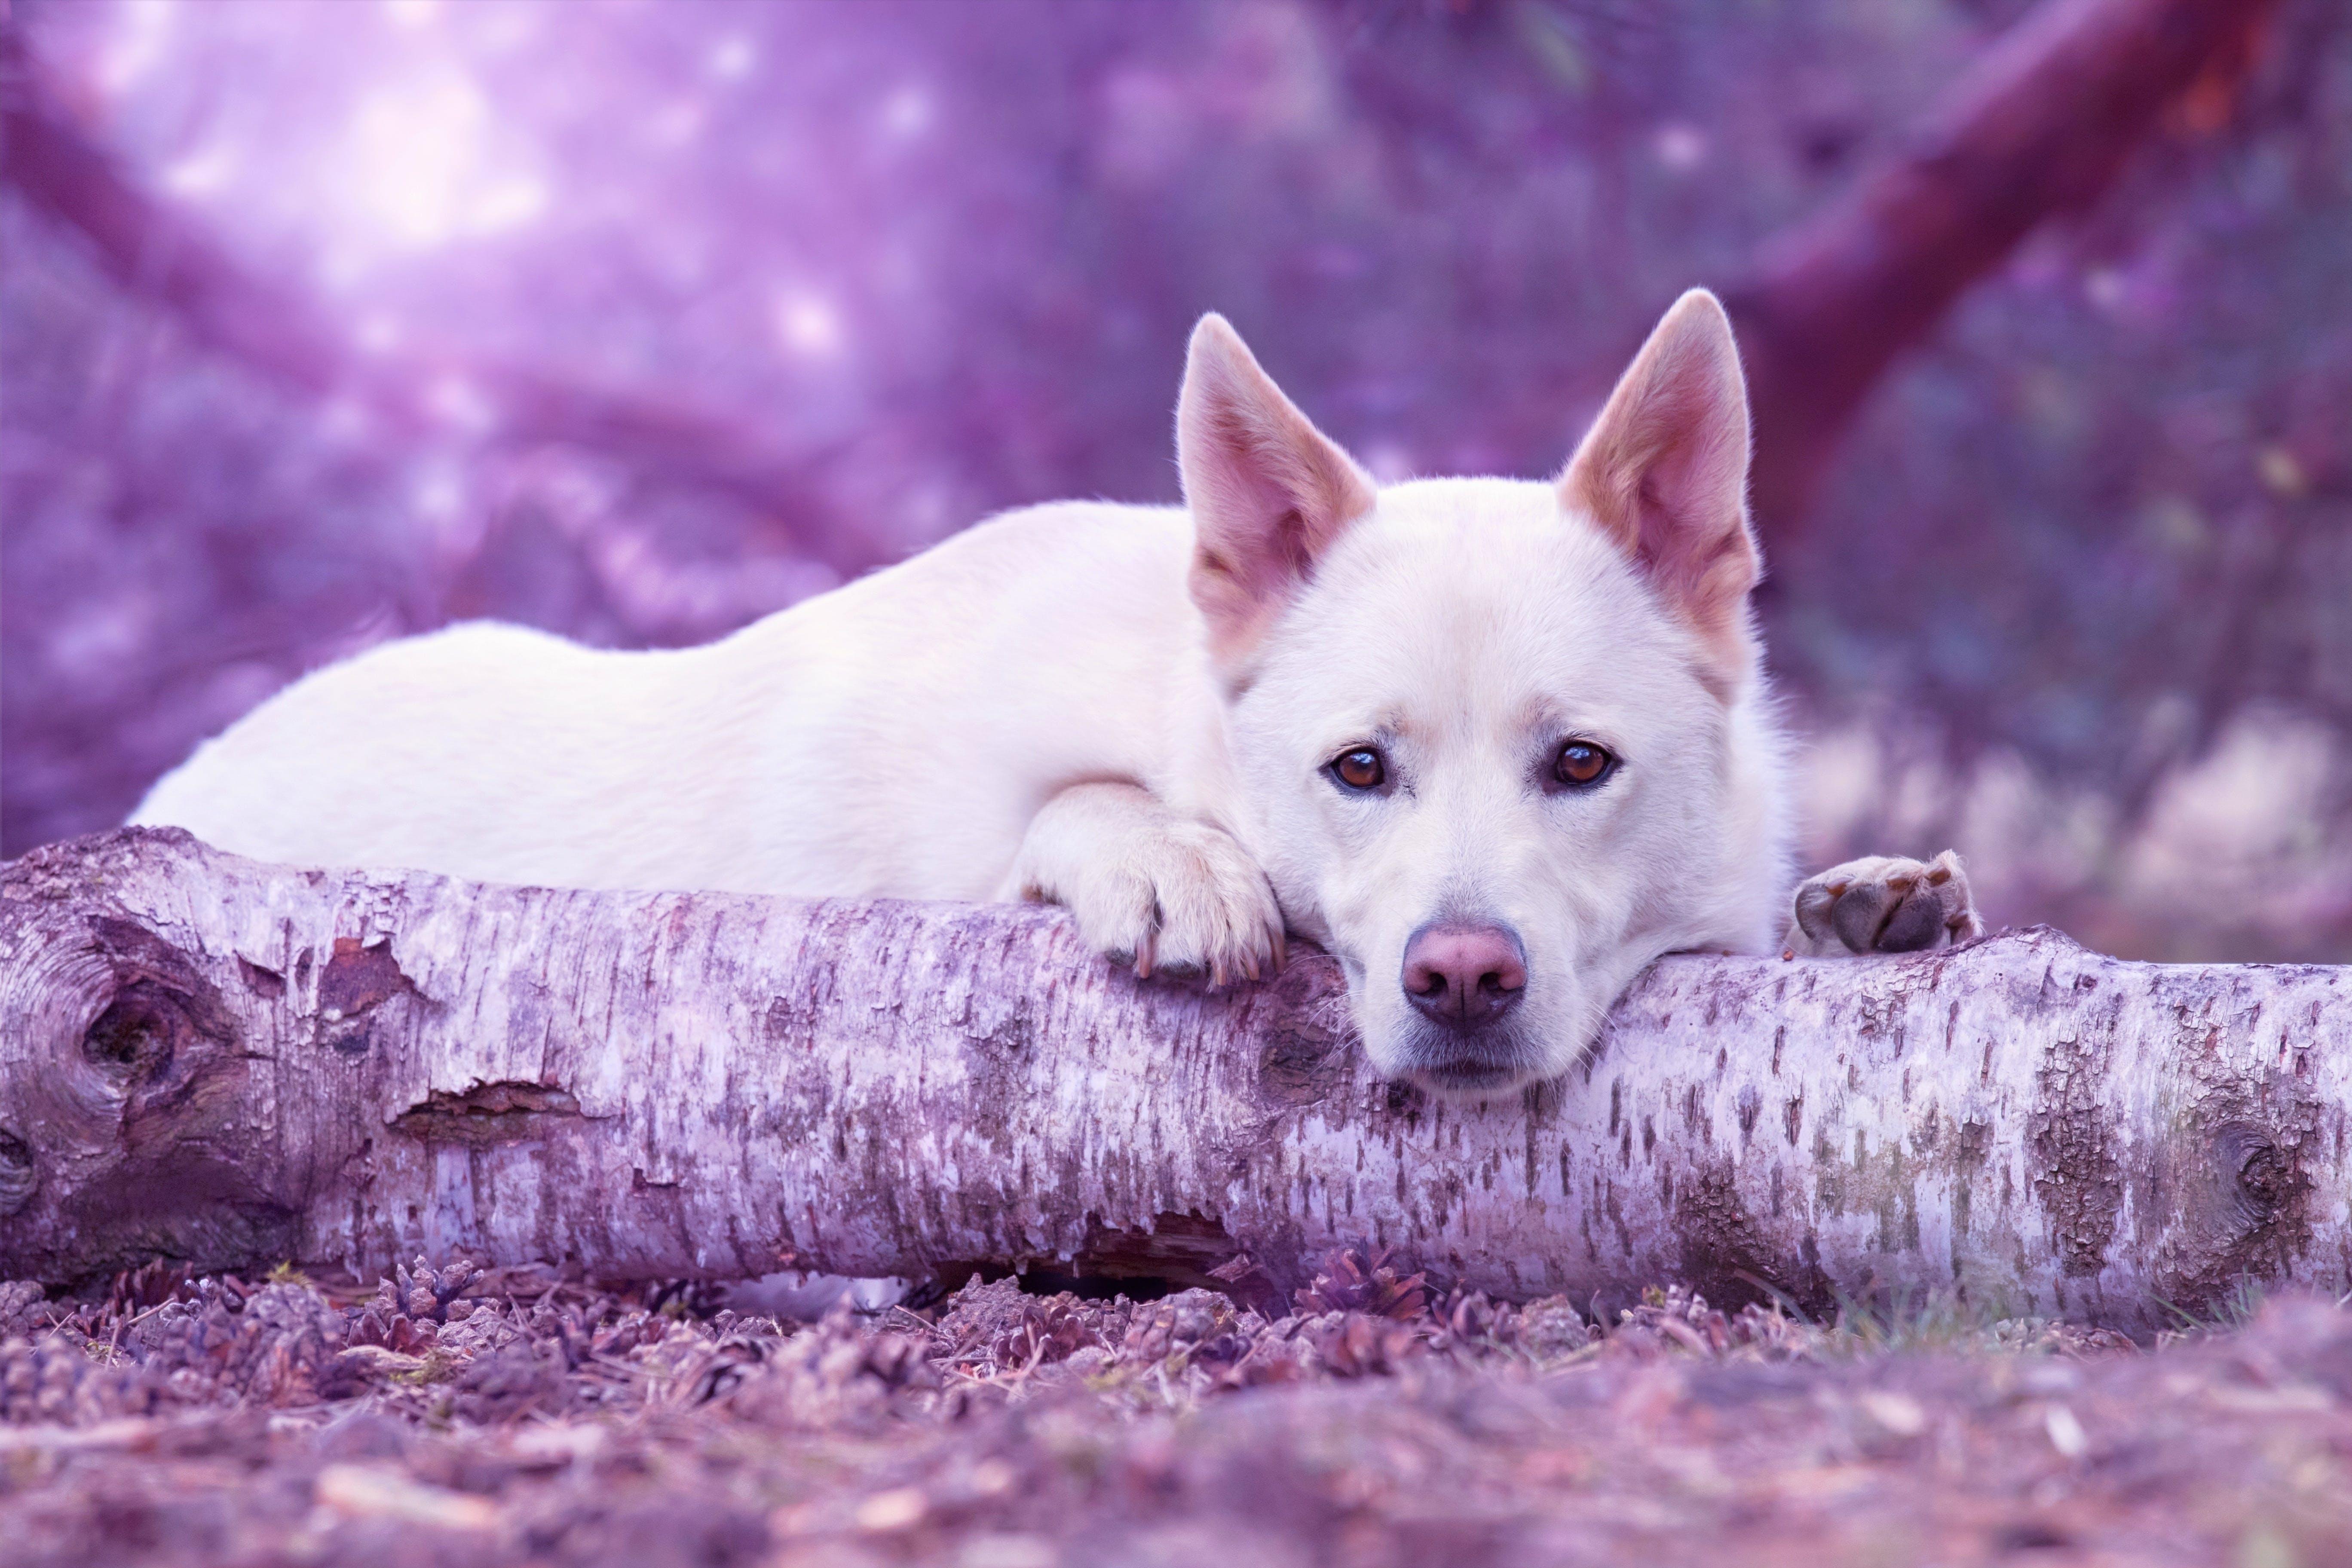 White German Shepherd Lying on Brown Log Close-up Photo